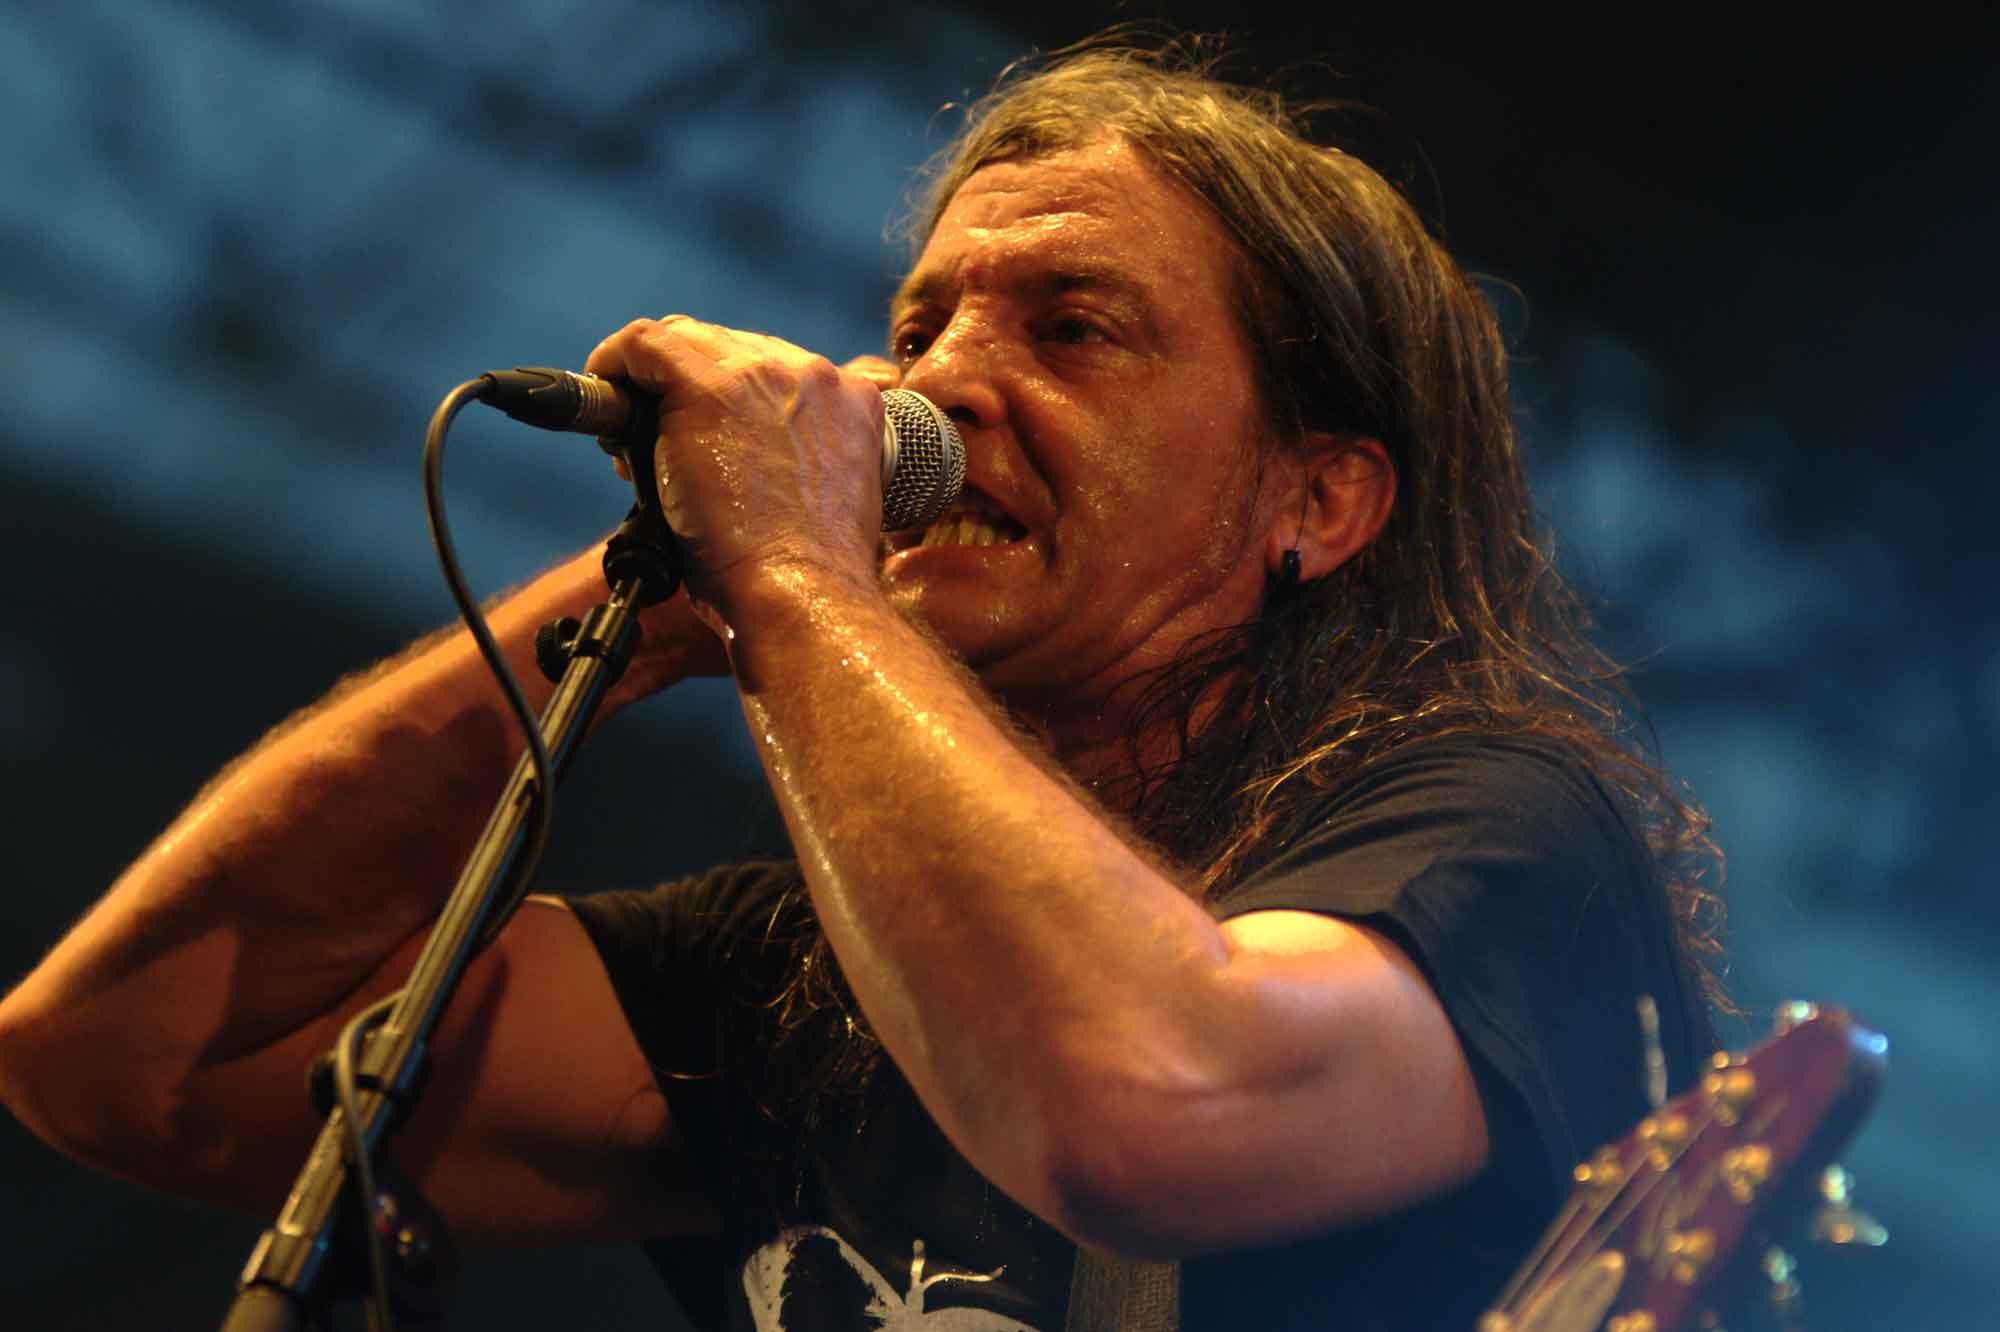 Boni, guitarist of Barricada, dies